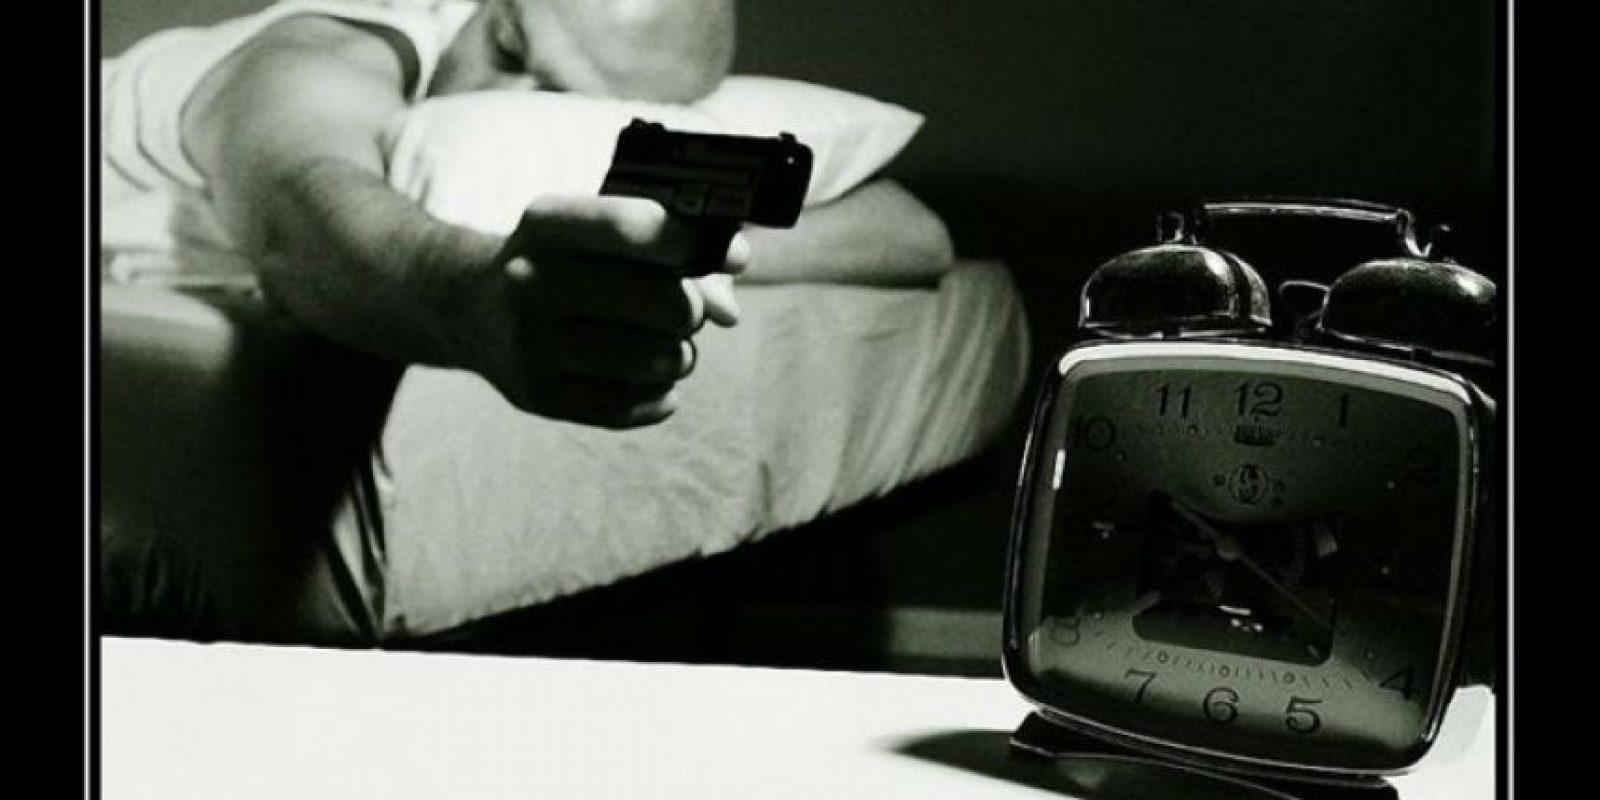 2. Que no hemos descansado debido a un transtorno de sueño. Foto:Tumblr.com/tagged/despertador